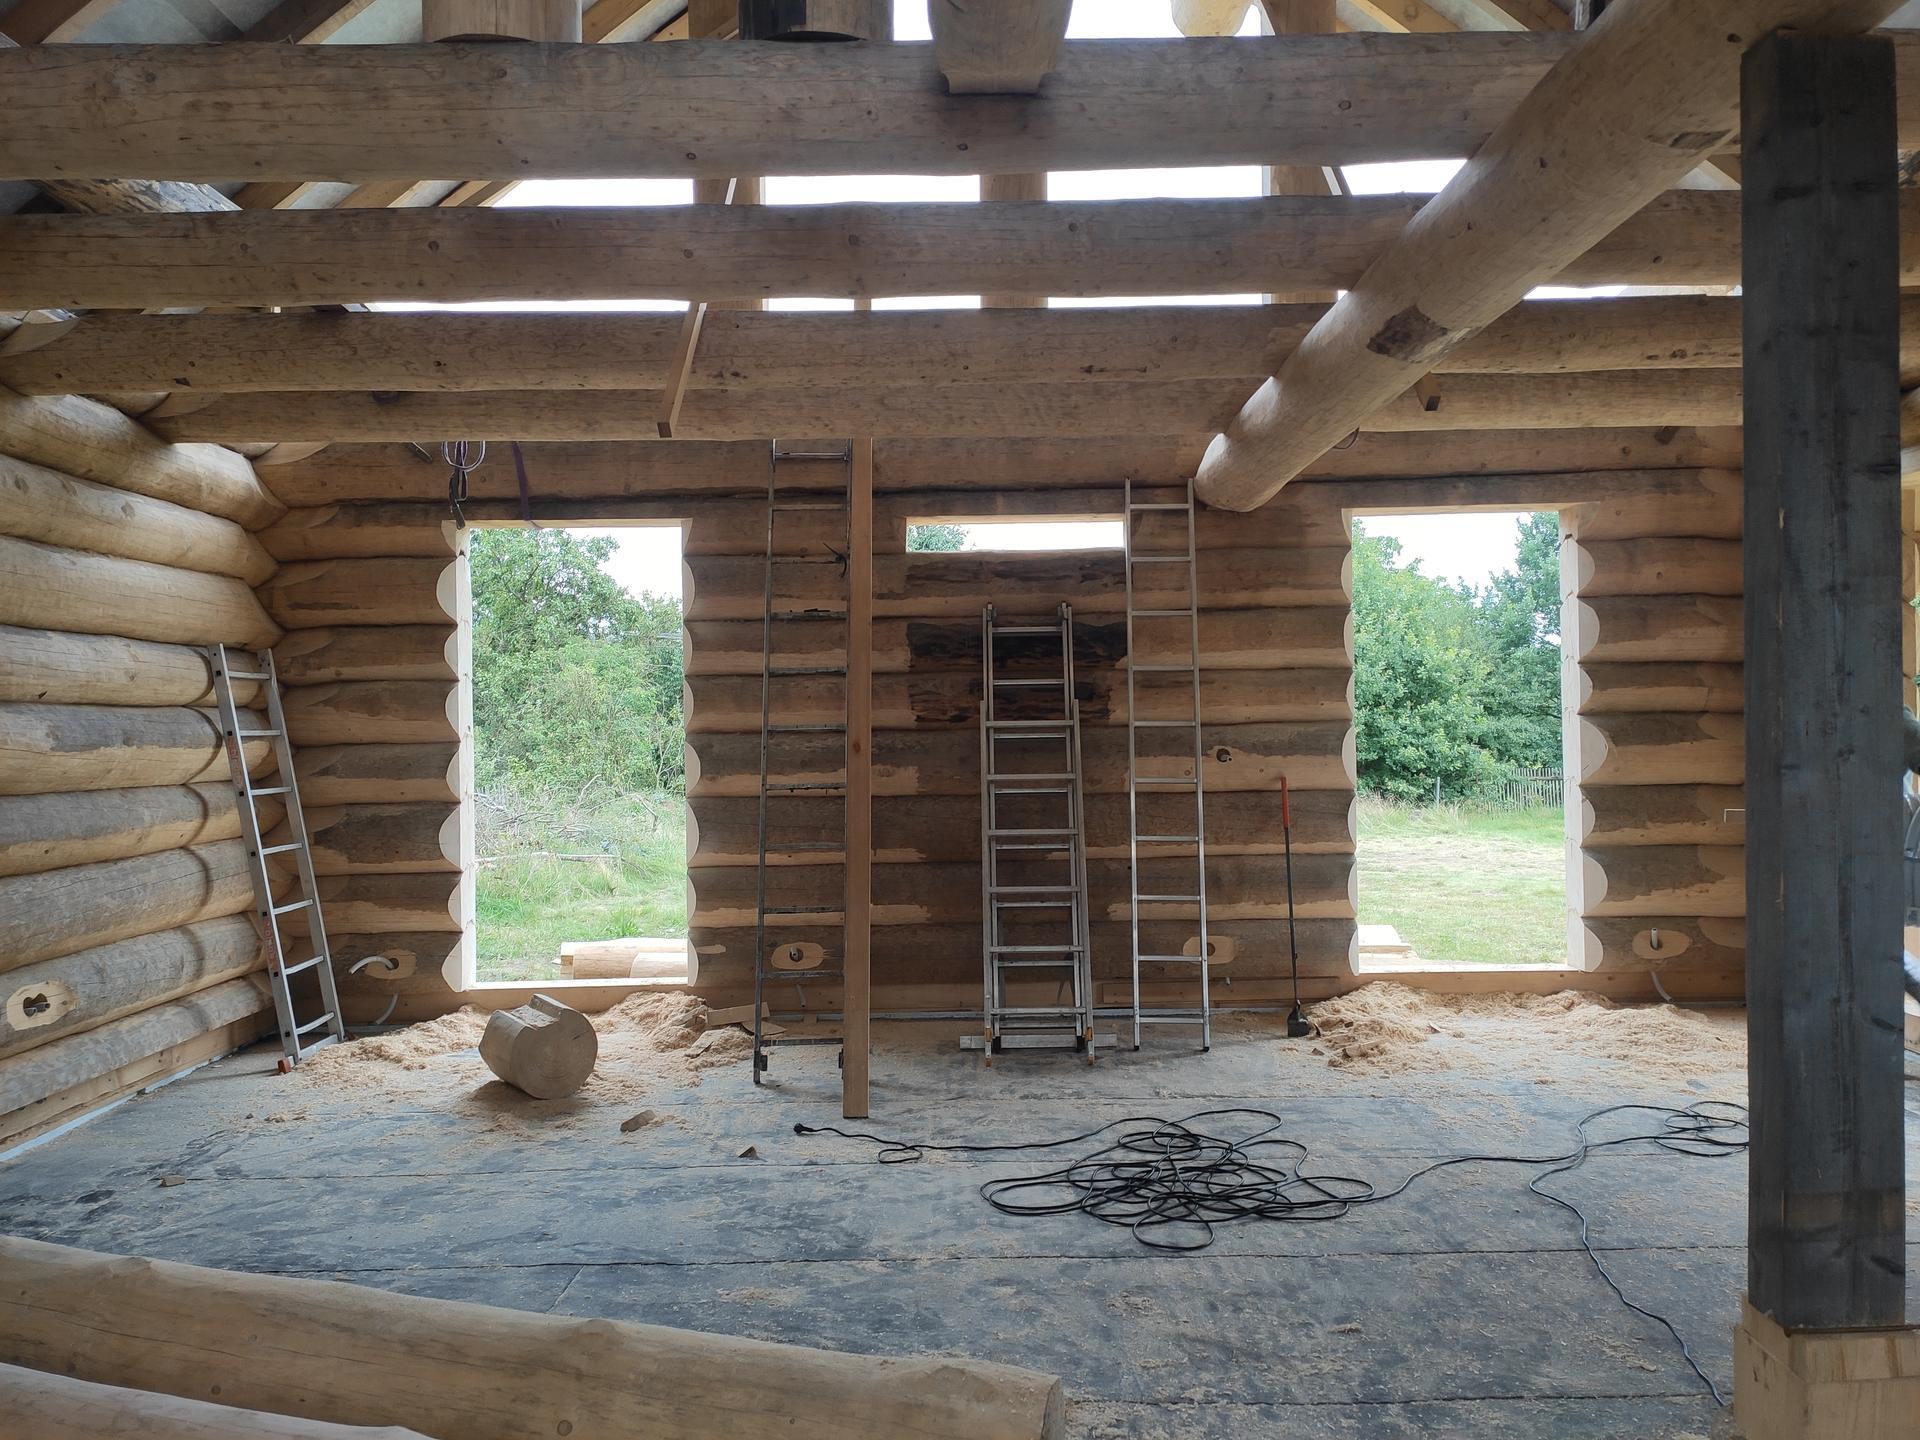 Okna kompletně vyřízlá, ,,stačí,, je zaměřit , příčky Ytong převážně 125mm.nasleduje vyzděni, upevnění krbové vložky a akumulační nádrže na podstavec,elektro,voda a kanalizace, podlahový topení,vystukování příček a zalití anhydritem .mezitím usadit dva podstavne sloupy ,usazení komína, tašky beton na střechu, nátěr čerstve obroušeného vnitřku  🙈 - Obrázek č. 2